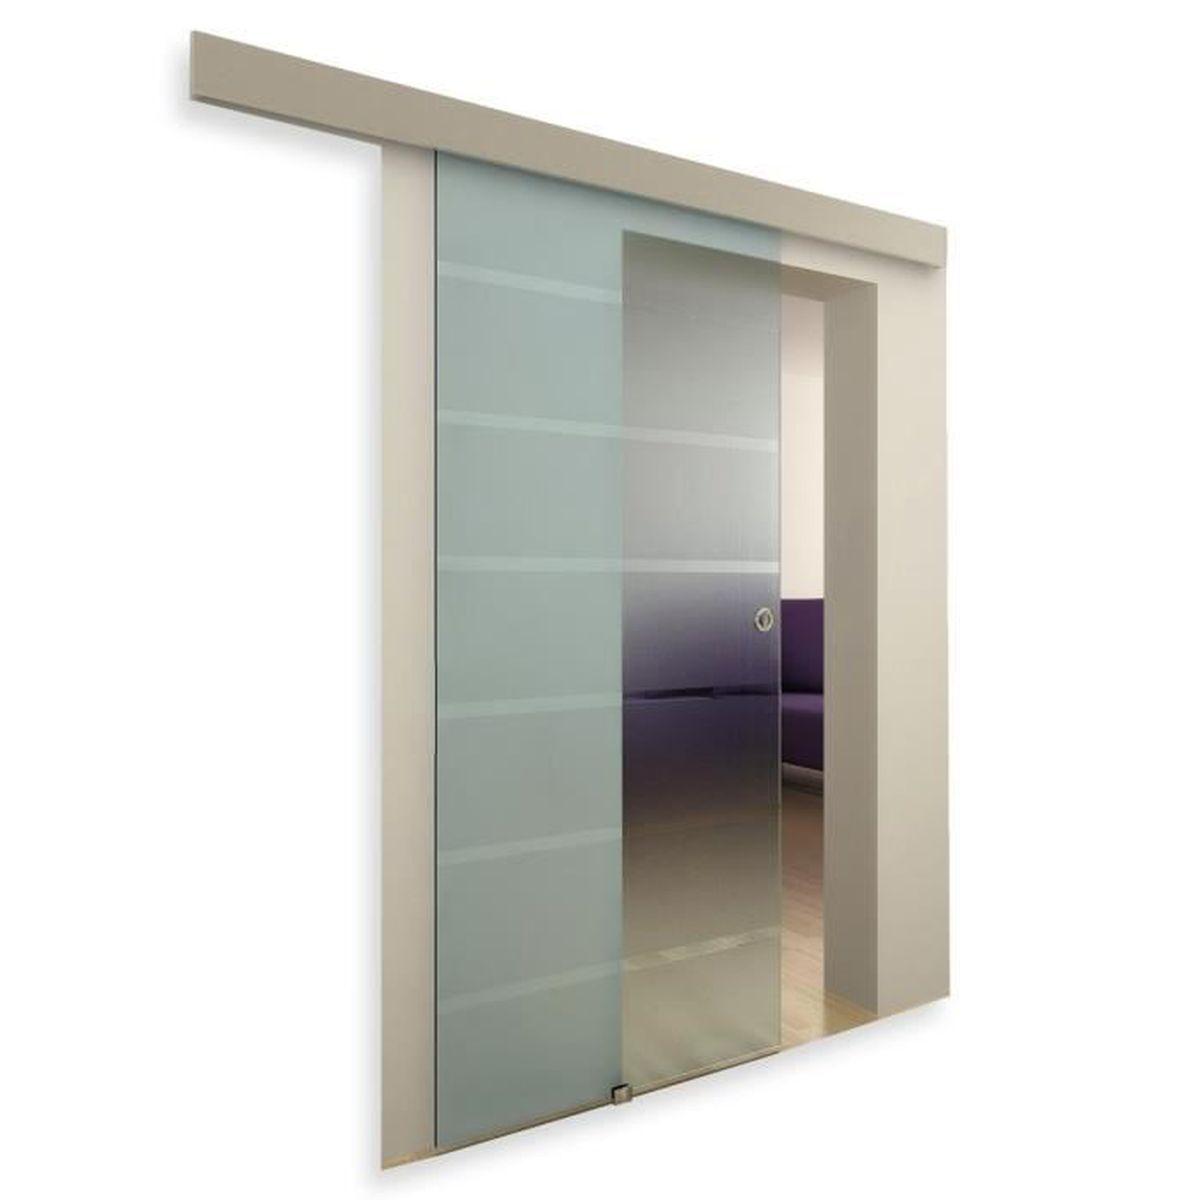 Plan Porte À Galandage porte coulissante en verre à galandage dépoli-opaque - achat